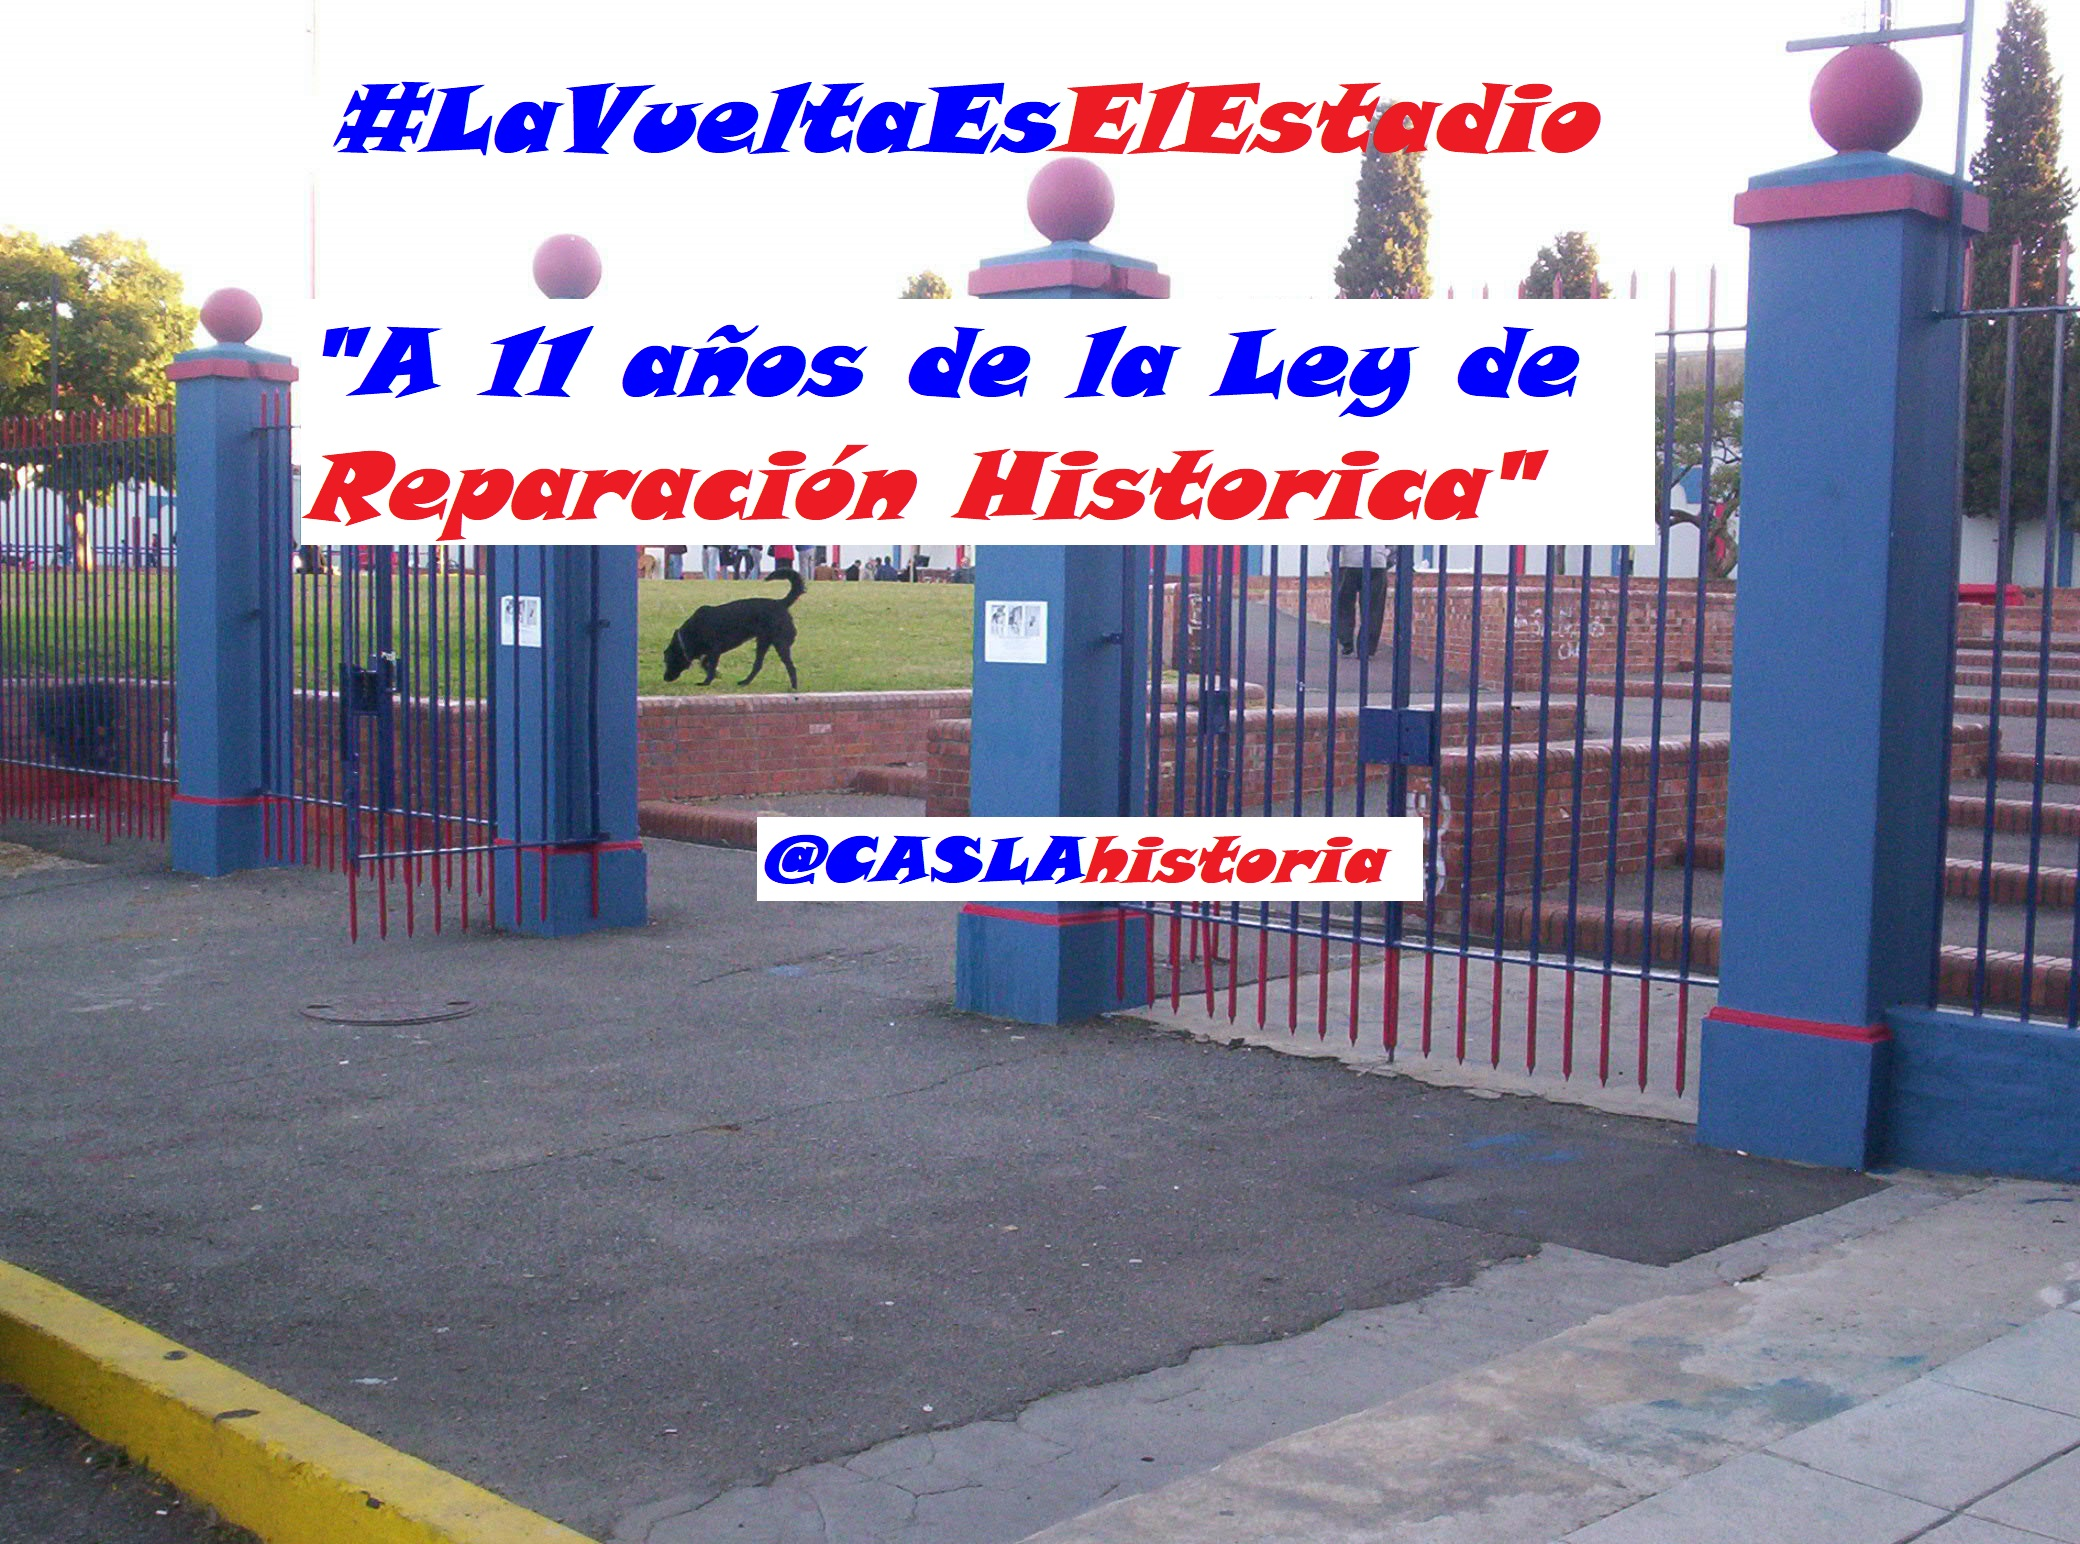 Programa N° 949. «11 años de la Reparación Historica, Telch, Doval y triunfo en la Boca».